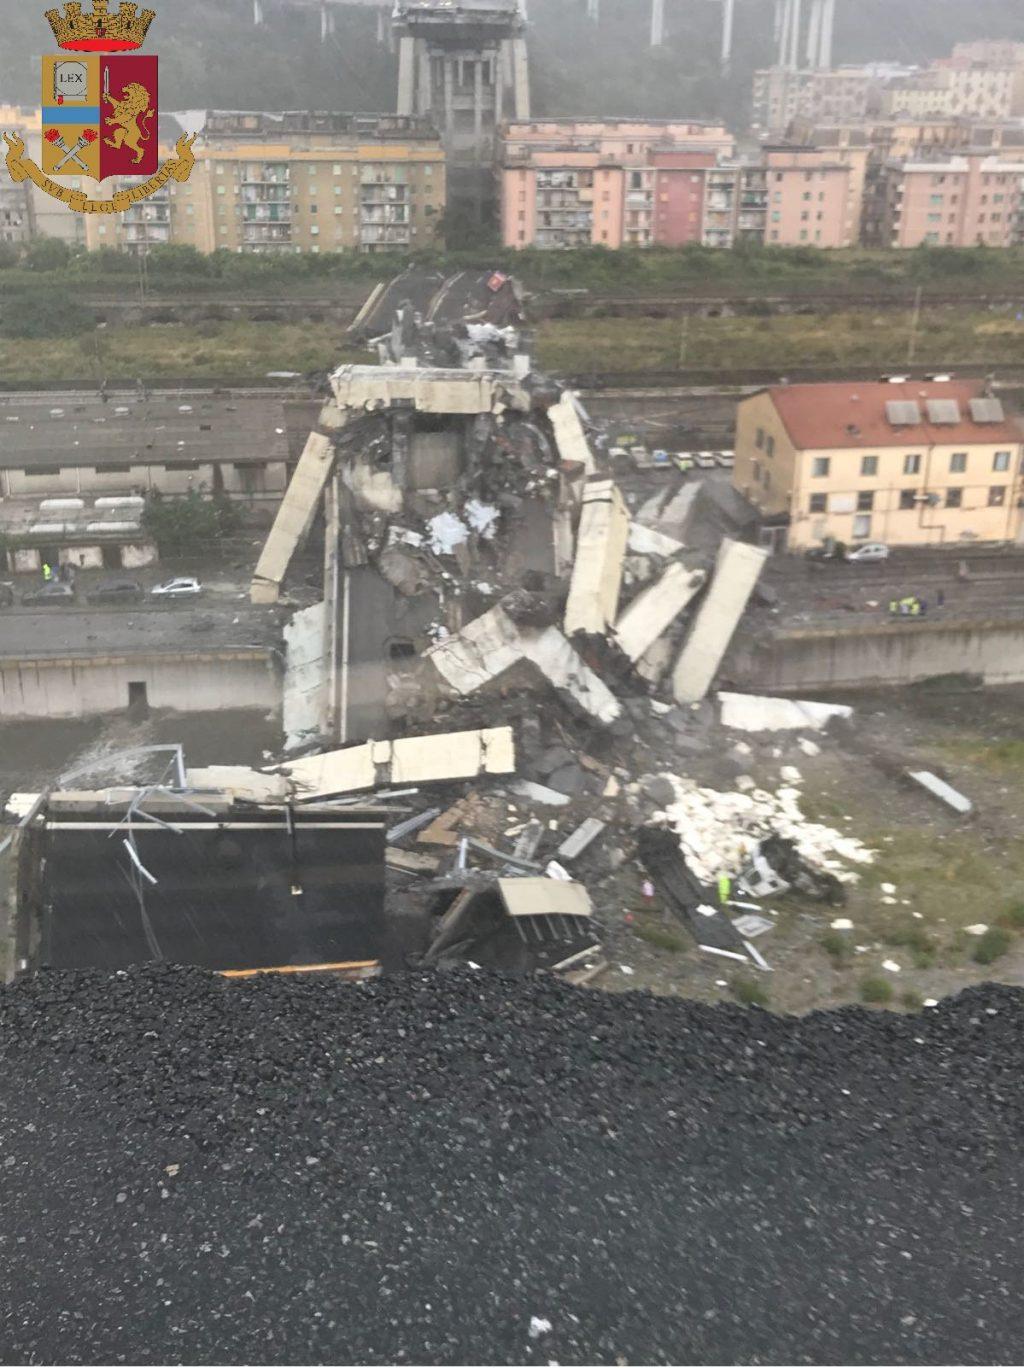 Tragedia a Genova, crolla un ponte: decine di vittime